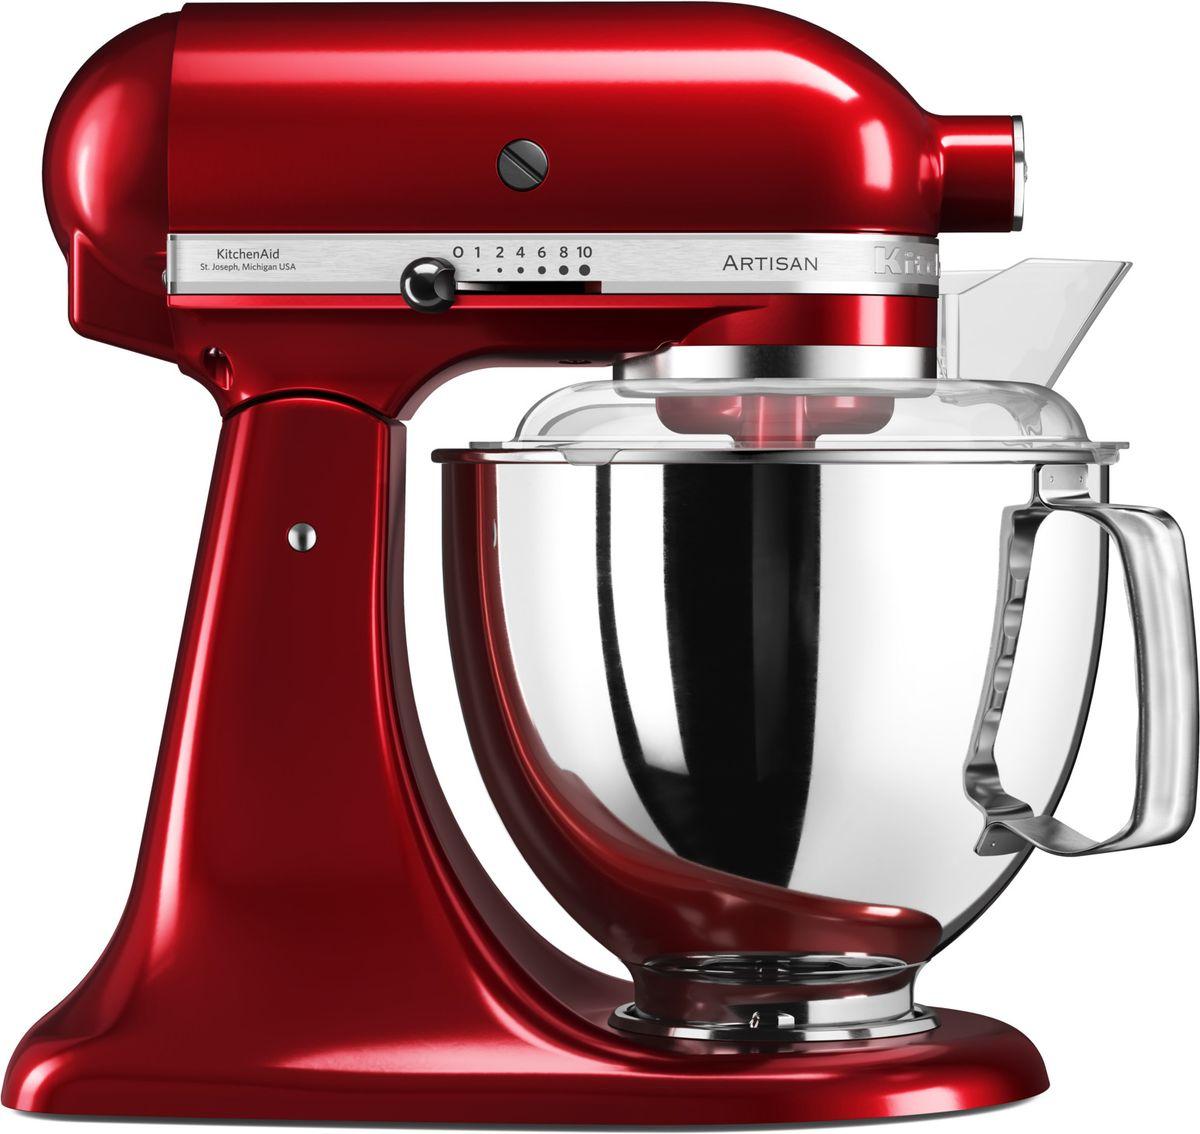 KitchenAid Artisan, Red миксер планетарный (5KSM175PSECA)5KSM175PSECAМиксер KitchenAid Artisan - это уникальное многофункциональное устройство, практически не имеющее аналогов на рынке техники для дома и кухни. Сочетание классического элегантного дизайна и высокой мощности, соответствующей стандартам профессионального оборудования, делает этот миксер фаворитом не только на домашней кухне, но и на рабочем столе мастеров поварского искусства.Откидывающаяся головка миксера KitchenAid Artisan позволяет легко менять насадки и устанавливать чашу. Миксер имеет 10 скоростных режимов, от медленного смешивания до высокоскоростного взбивания. Базовая комплектация миксера включает: чашу объемом 4,83 литра, крюк для теста, венчик для взбивания, насадку-лопатку для перемешивания, крышку для чаши и защитный обод с воронкой для засыпания продуктов. Этого набора достаточно, чтобы миксер успешно выполнял базовые функции.В передней части привода миксера KitchenAid имеется еще одно гнездо для подсоединения дополнительных насадок. Они позволяют значительно расширить функции миксера, превращая его в настоящий кухонный комбайн. Планетарный миксер KitchenAid Artisan избавит вас от необходимости покупать несколько разных бытовых приборов для кухни. Его высокая мощность и уникальная конструкция позволяют готовить даже сложные блюда на высоком профессиональном уровне.Процесс производства миксеров KitchenAid не оставляет сомнений в долговечности этого прибора. Литые детали механизма изготовлены из высококачественной стали. Ручная сборка и тщательная подгонка частей привода обеспечивают низкий уровень шума и вибрации, являются гарантией безупречной работы прибора. Цельнометаллический корпус покрывается прочной цветной эмалью, устойчивой к механическим повреждениям, которая сохраняет привлекательный внешний десятилетиями. Классический дизайн миксеров KitchenAid Artisan станет украшением интерьера любой кухни. Одна из отличительных особенностей этой серии - богатая цветовая гамма.